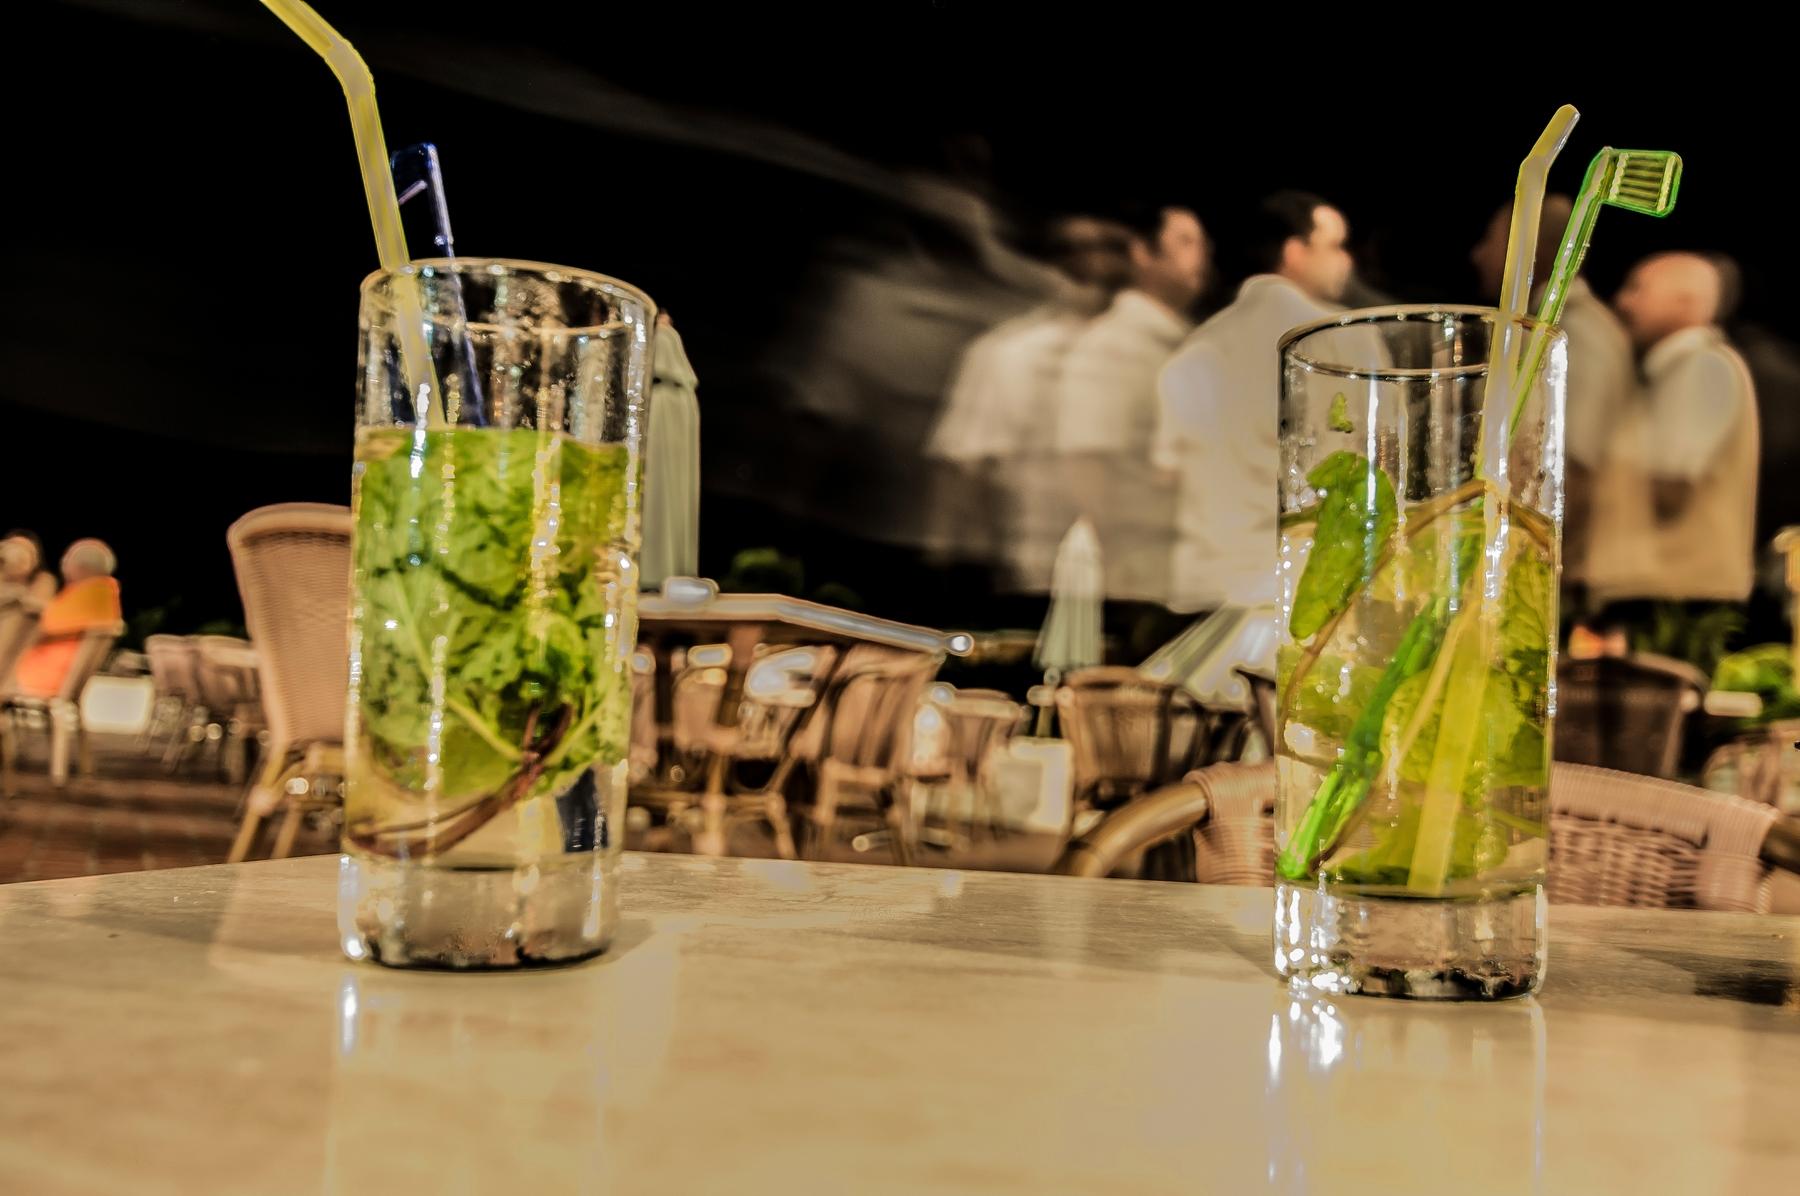 Кубинские коктейли с ромом на столе в баре.